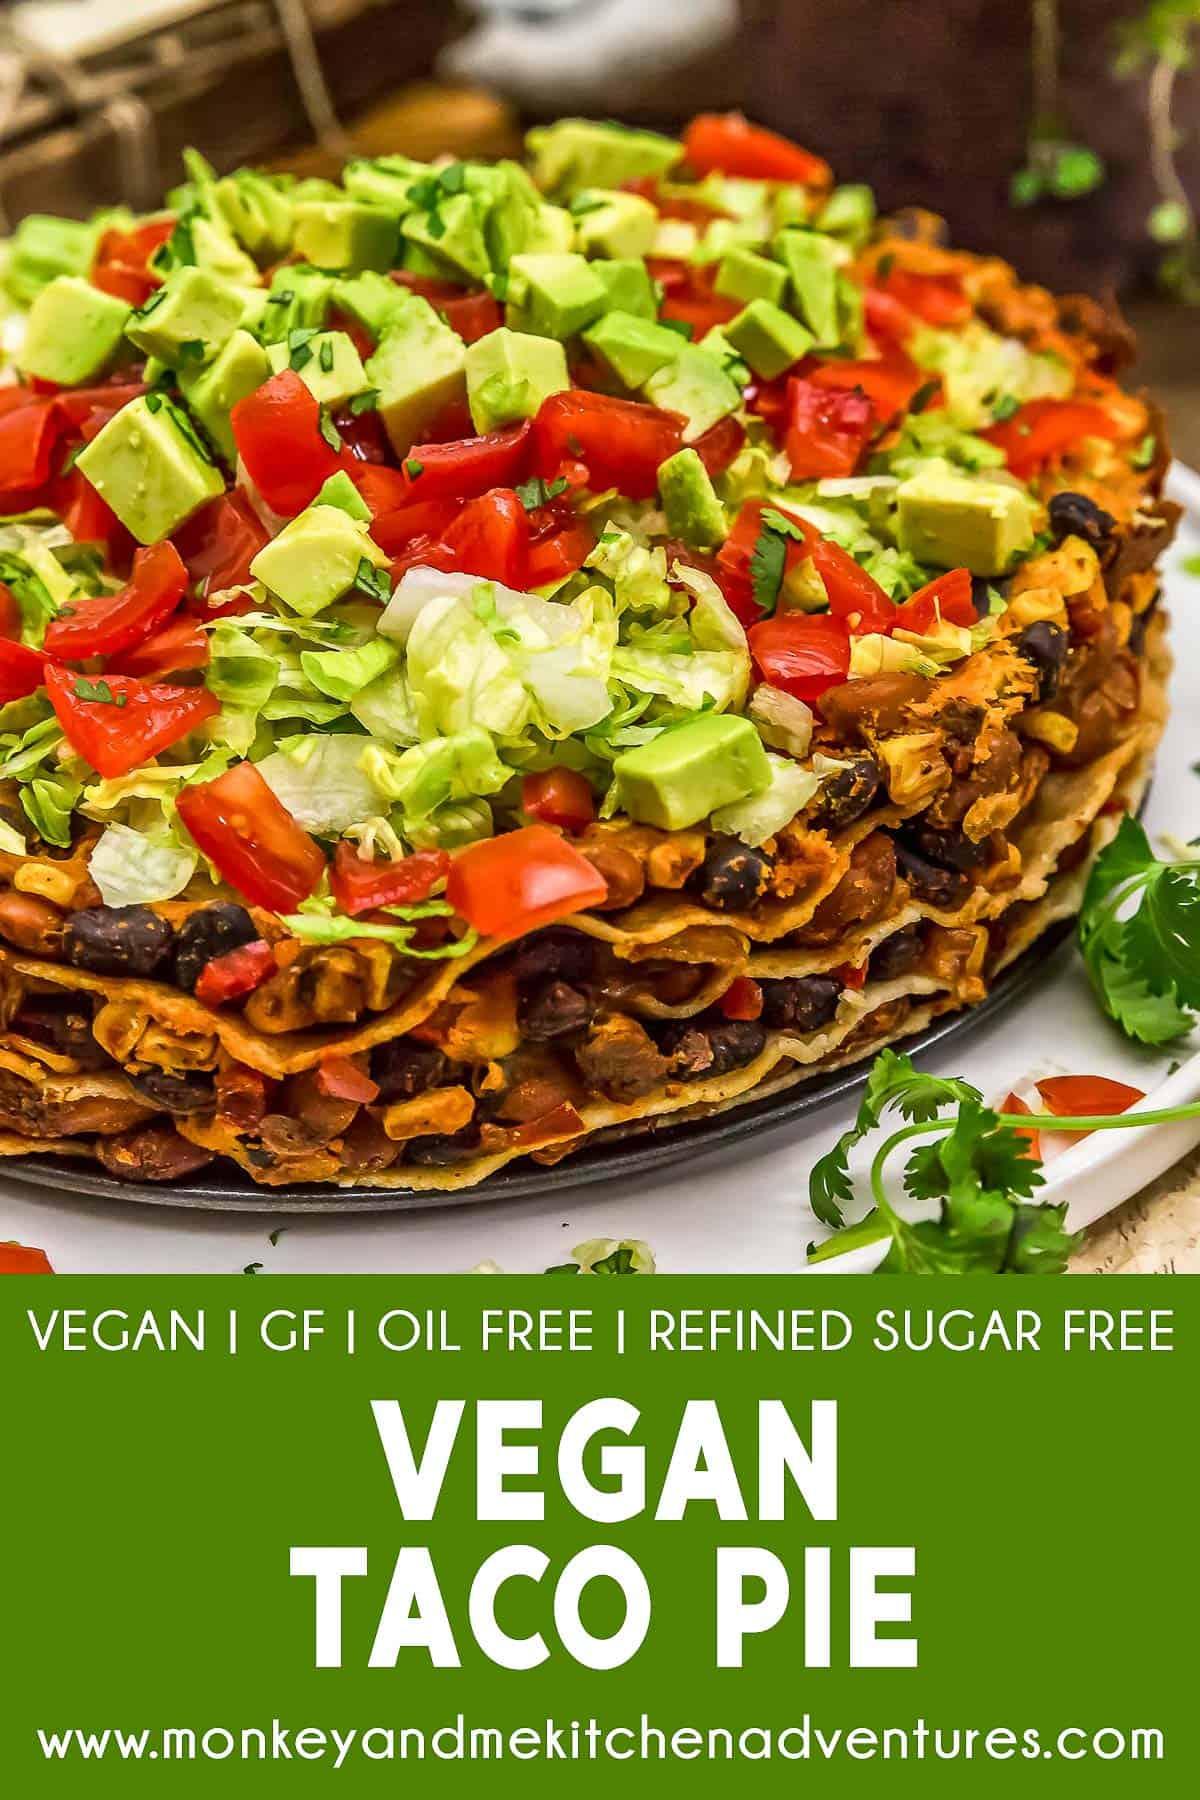 Vegan Taco Pie with text description